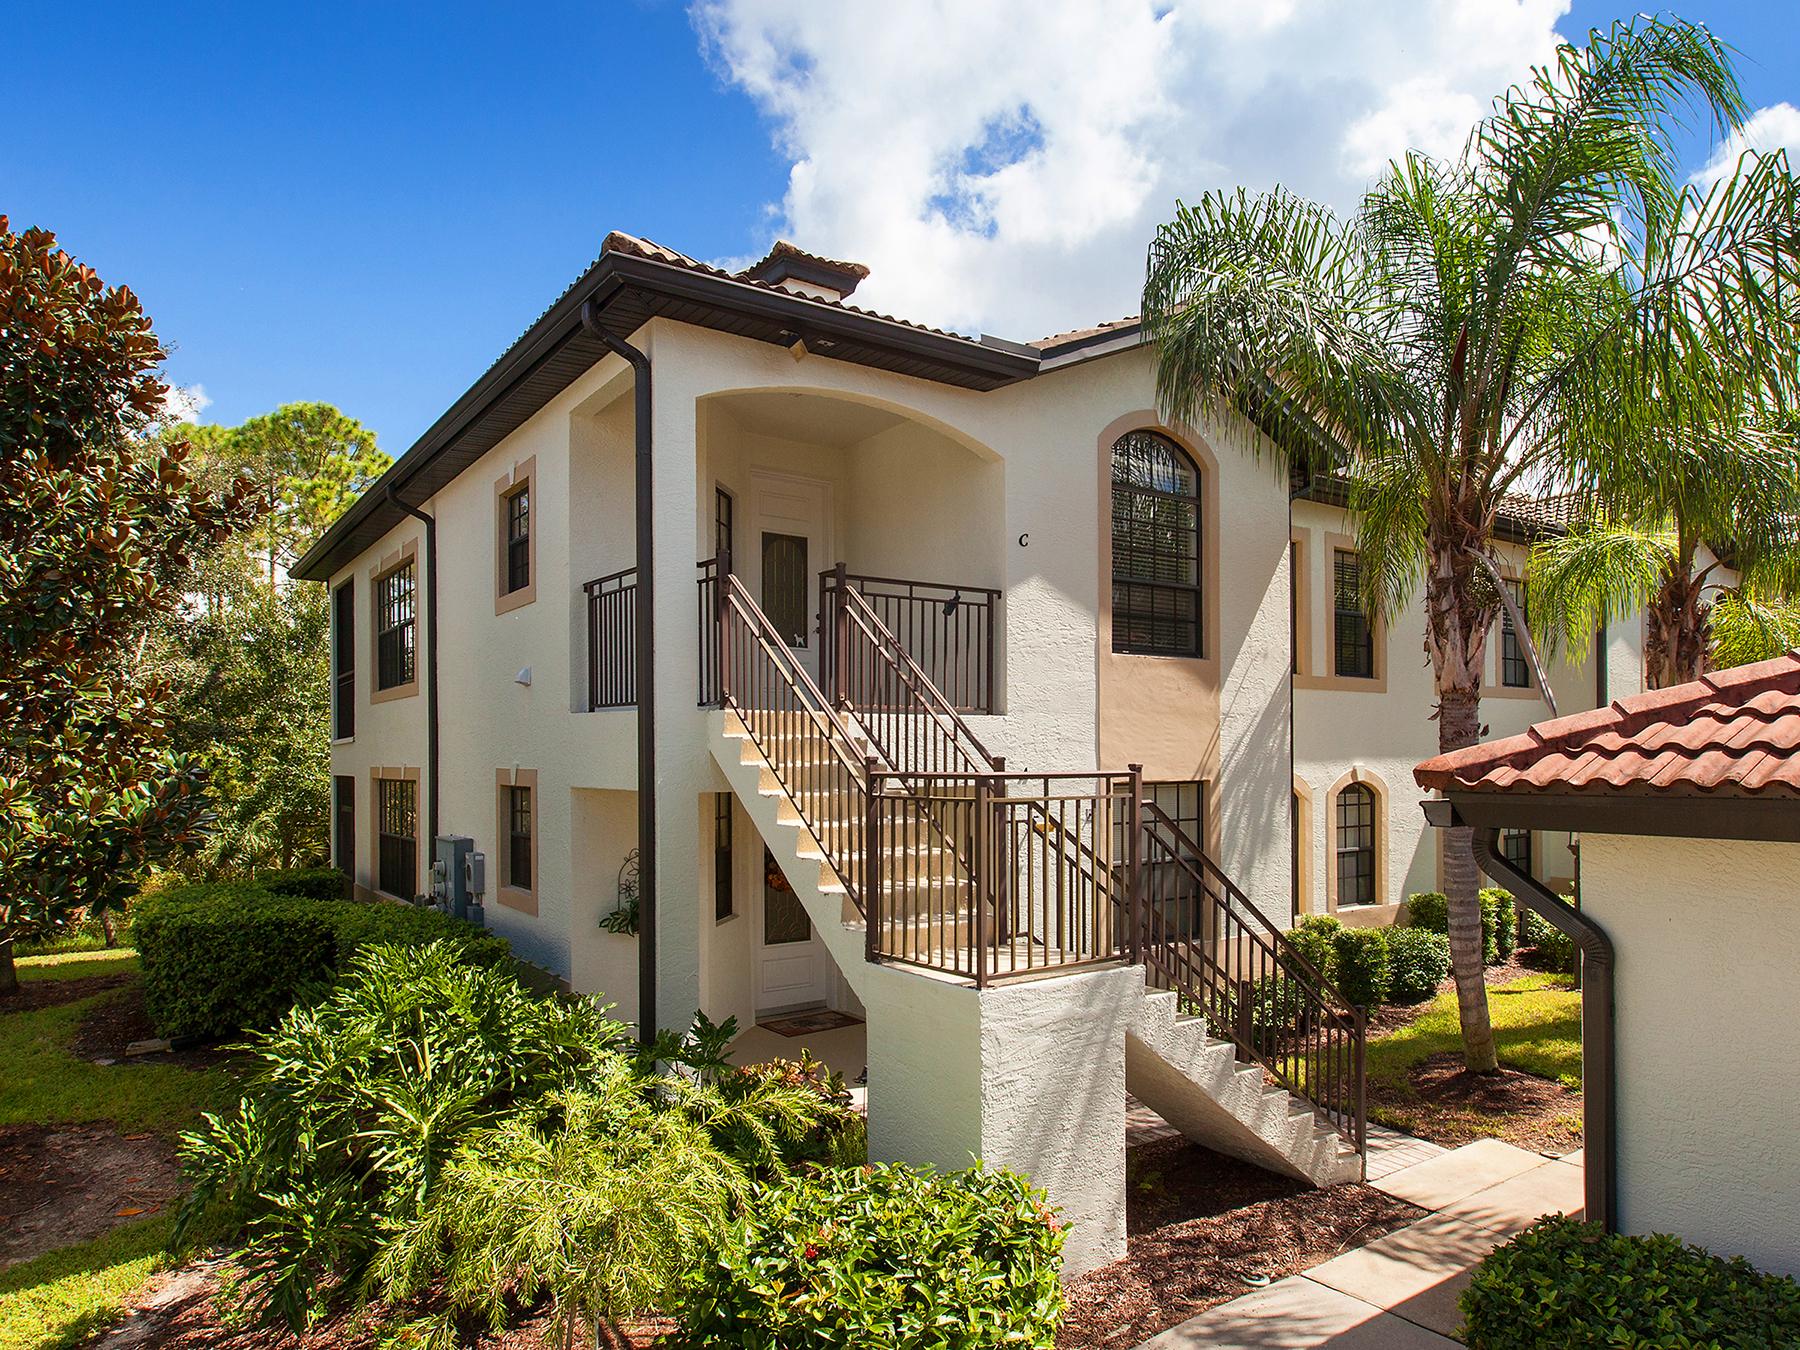 Condominium for Sale at PINEBROOK PRESERVE 129 Preserve Pl C Nokomis, Florida, 34275 United States